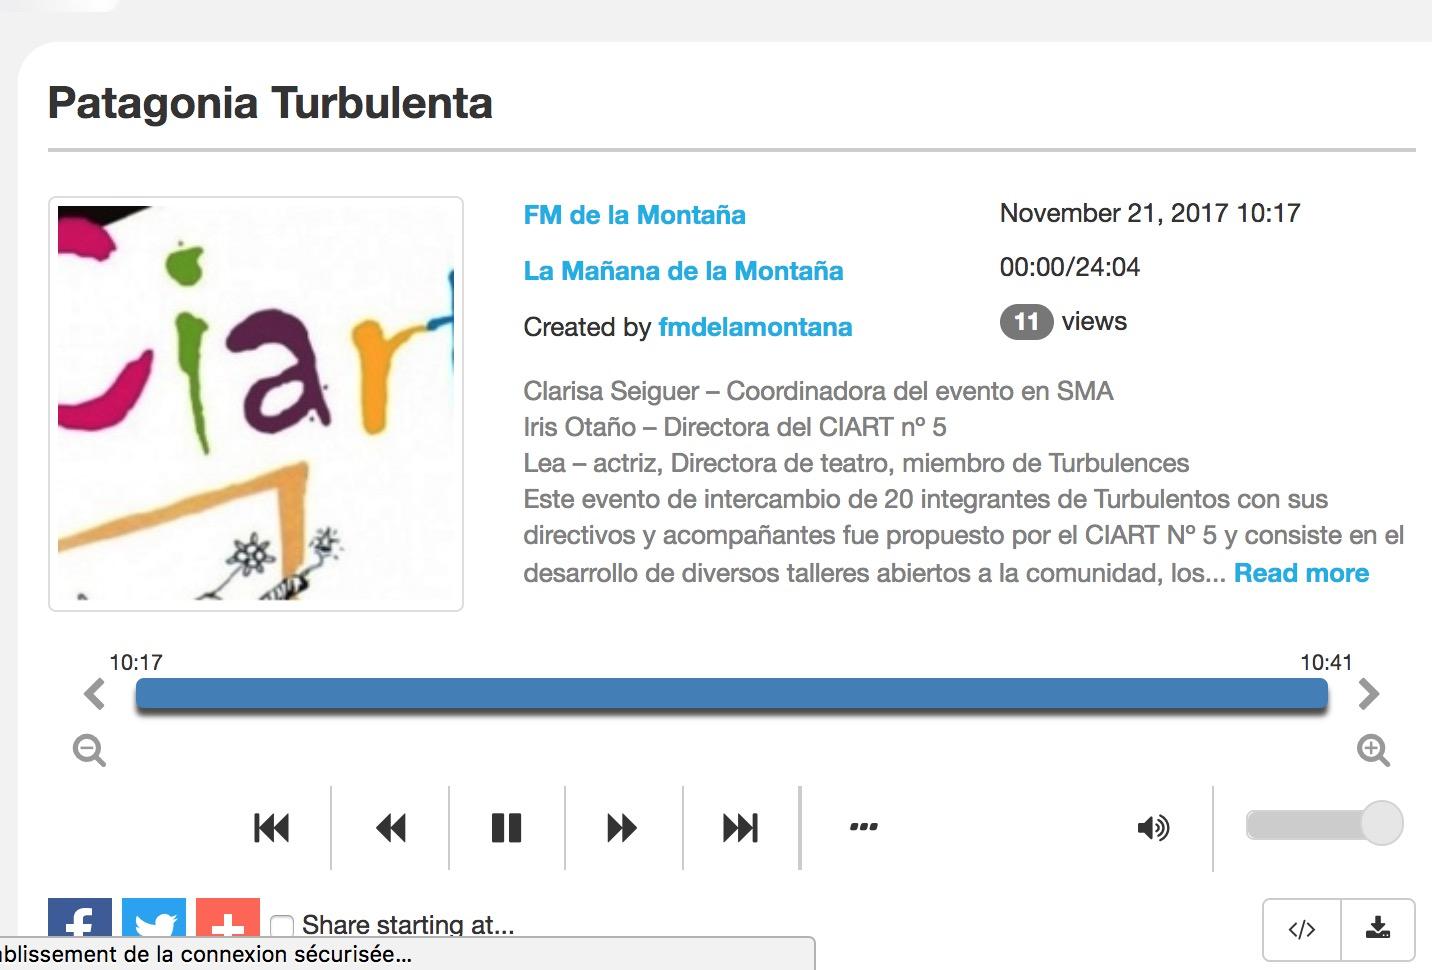 Patagonia Turbulenta